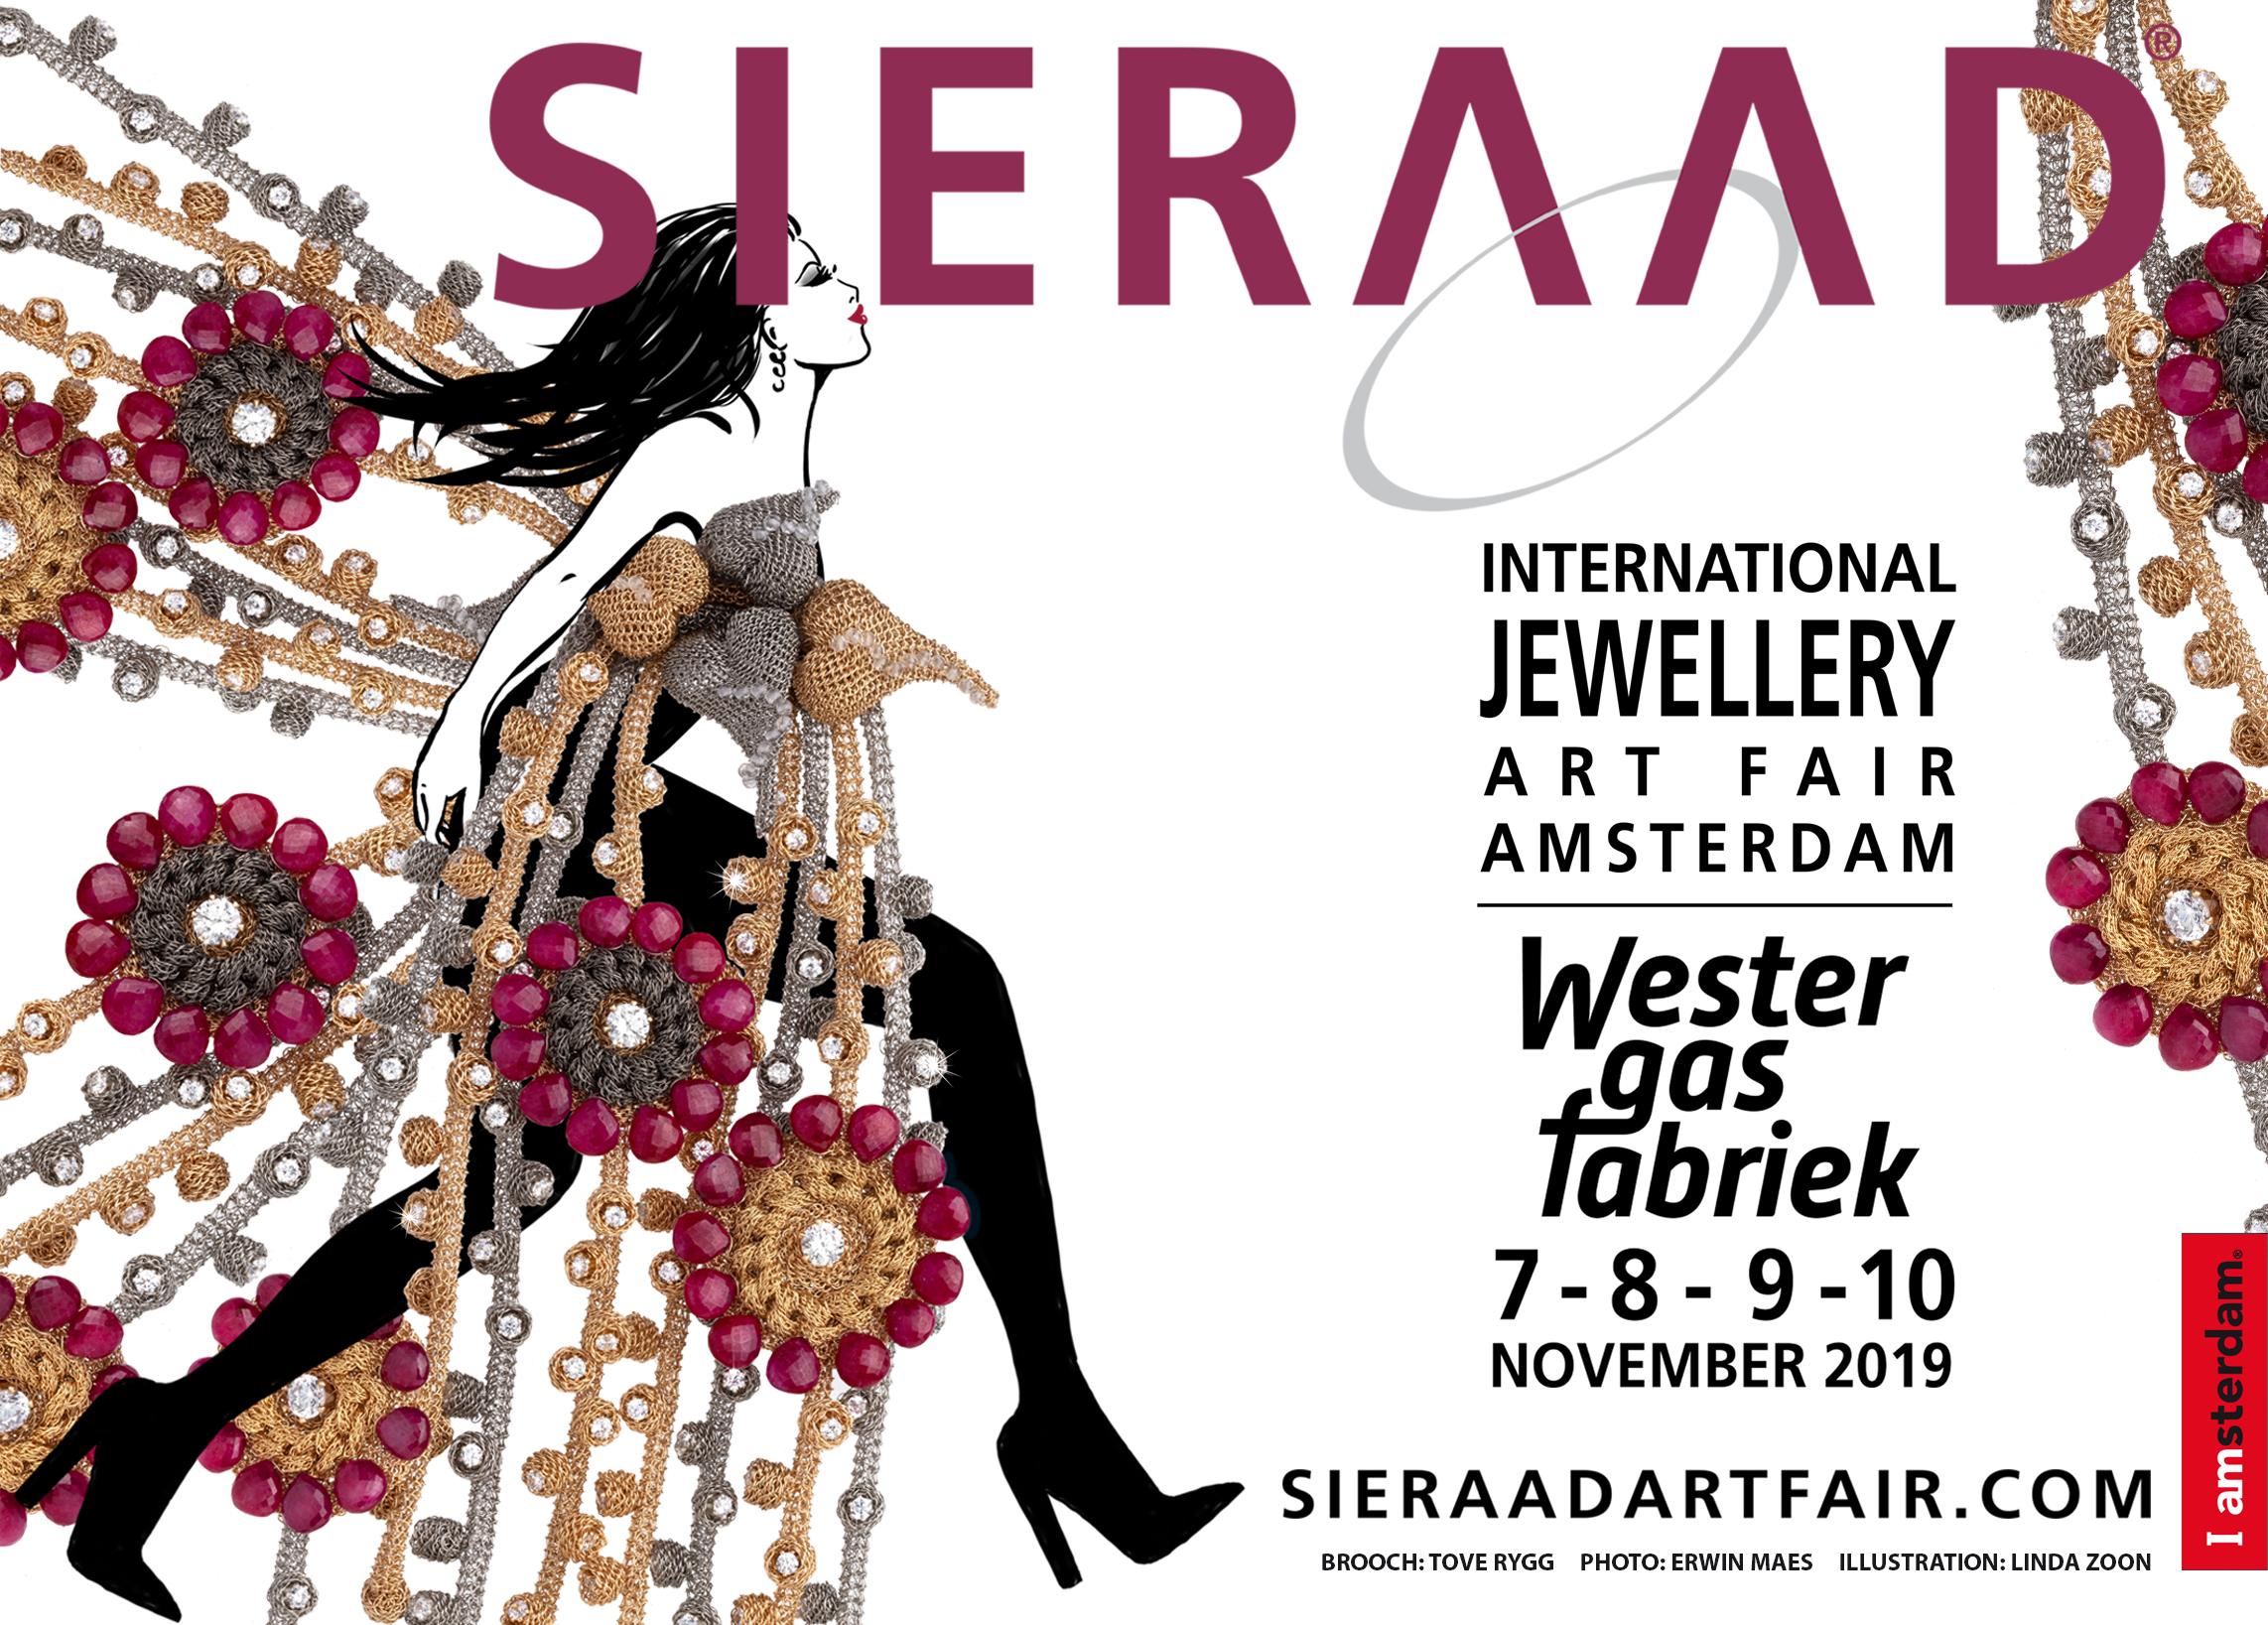 SIERAADdeel2-27052019-Banner-website-2.jpg